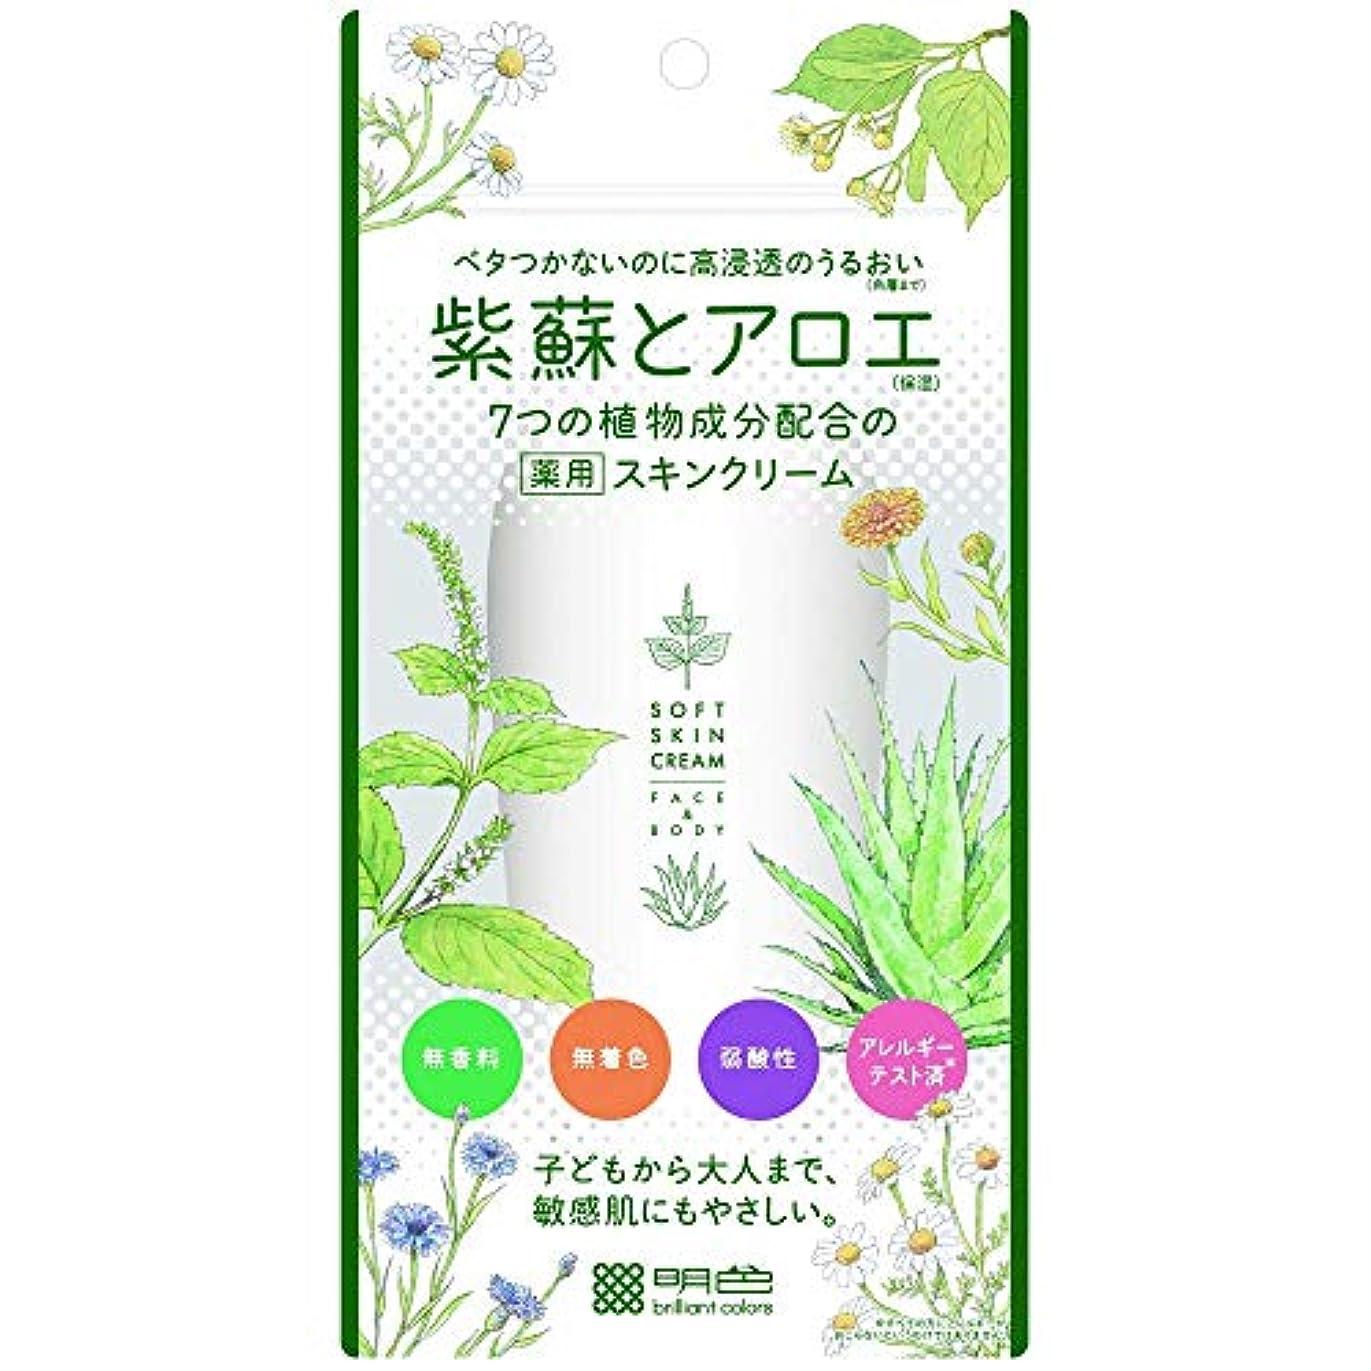 どこにも童謡素晴らしさ【9個セット】紫蘇とアロエ 薬用スキンクリーム 190g